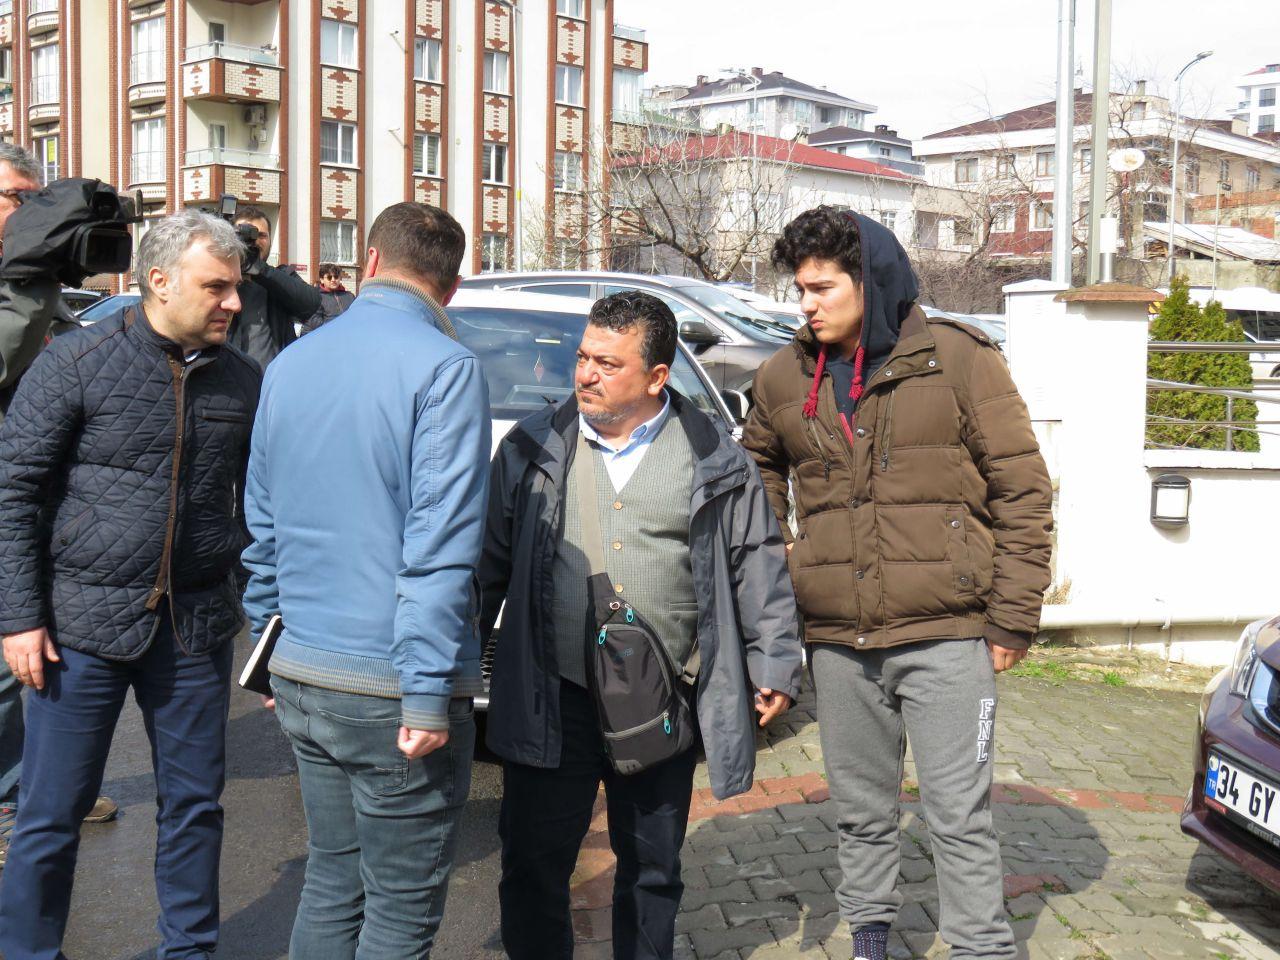 Ümraniye'de öldürülen kadının katili bakın kim çıktı! - Sayfa 2